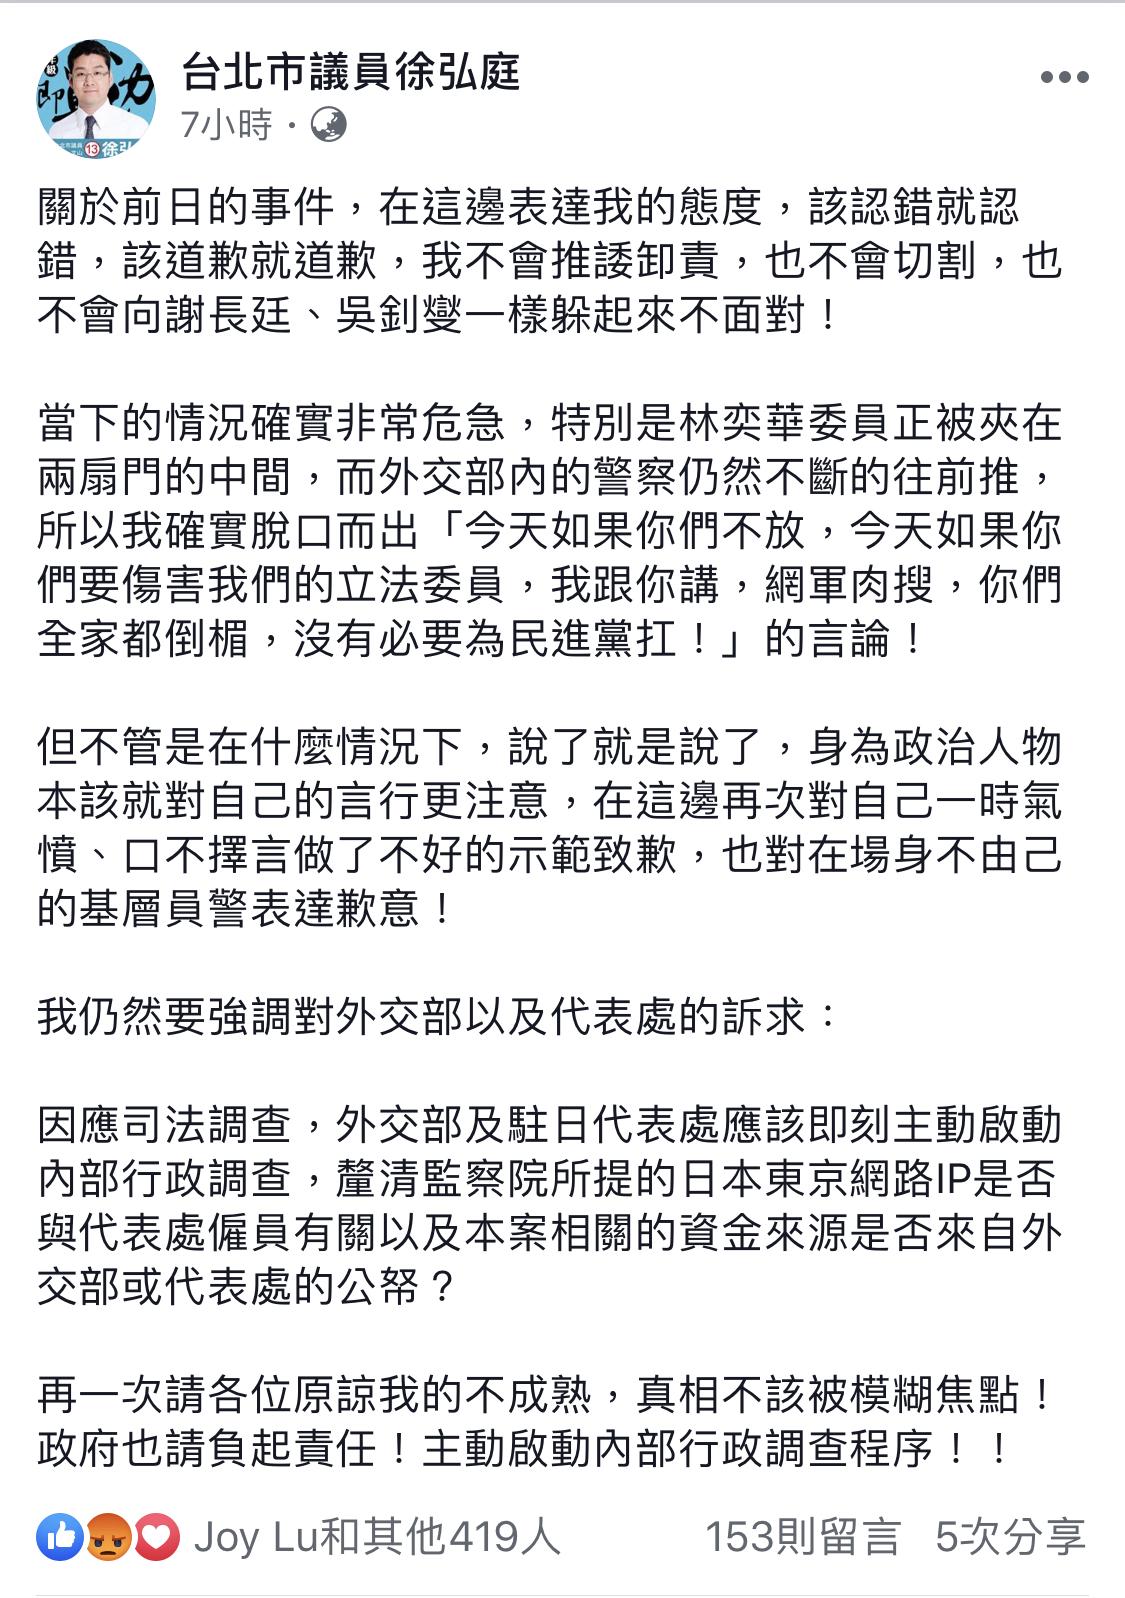 国民党市议员徐弘庭今在脸书上表示,请各位原谅我的不成熟,真相不该被模糊焦点,政府...